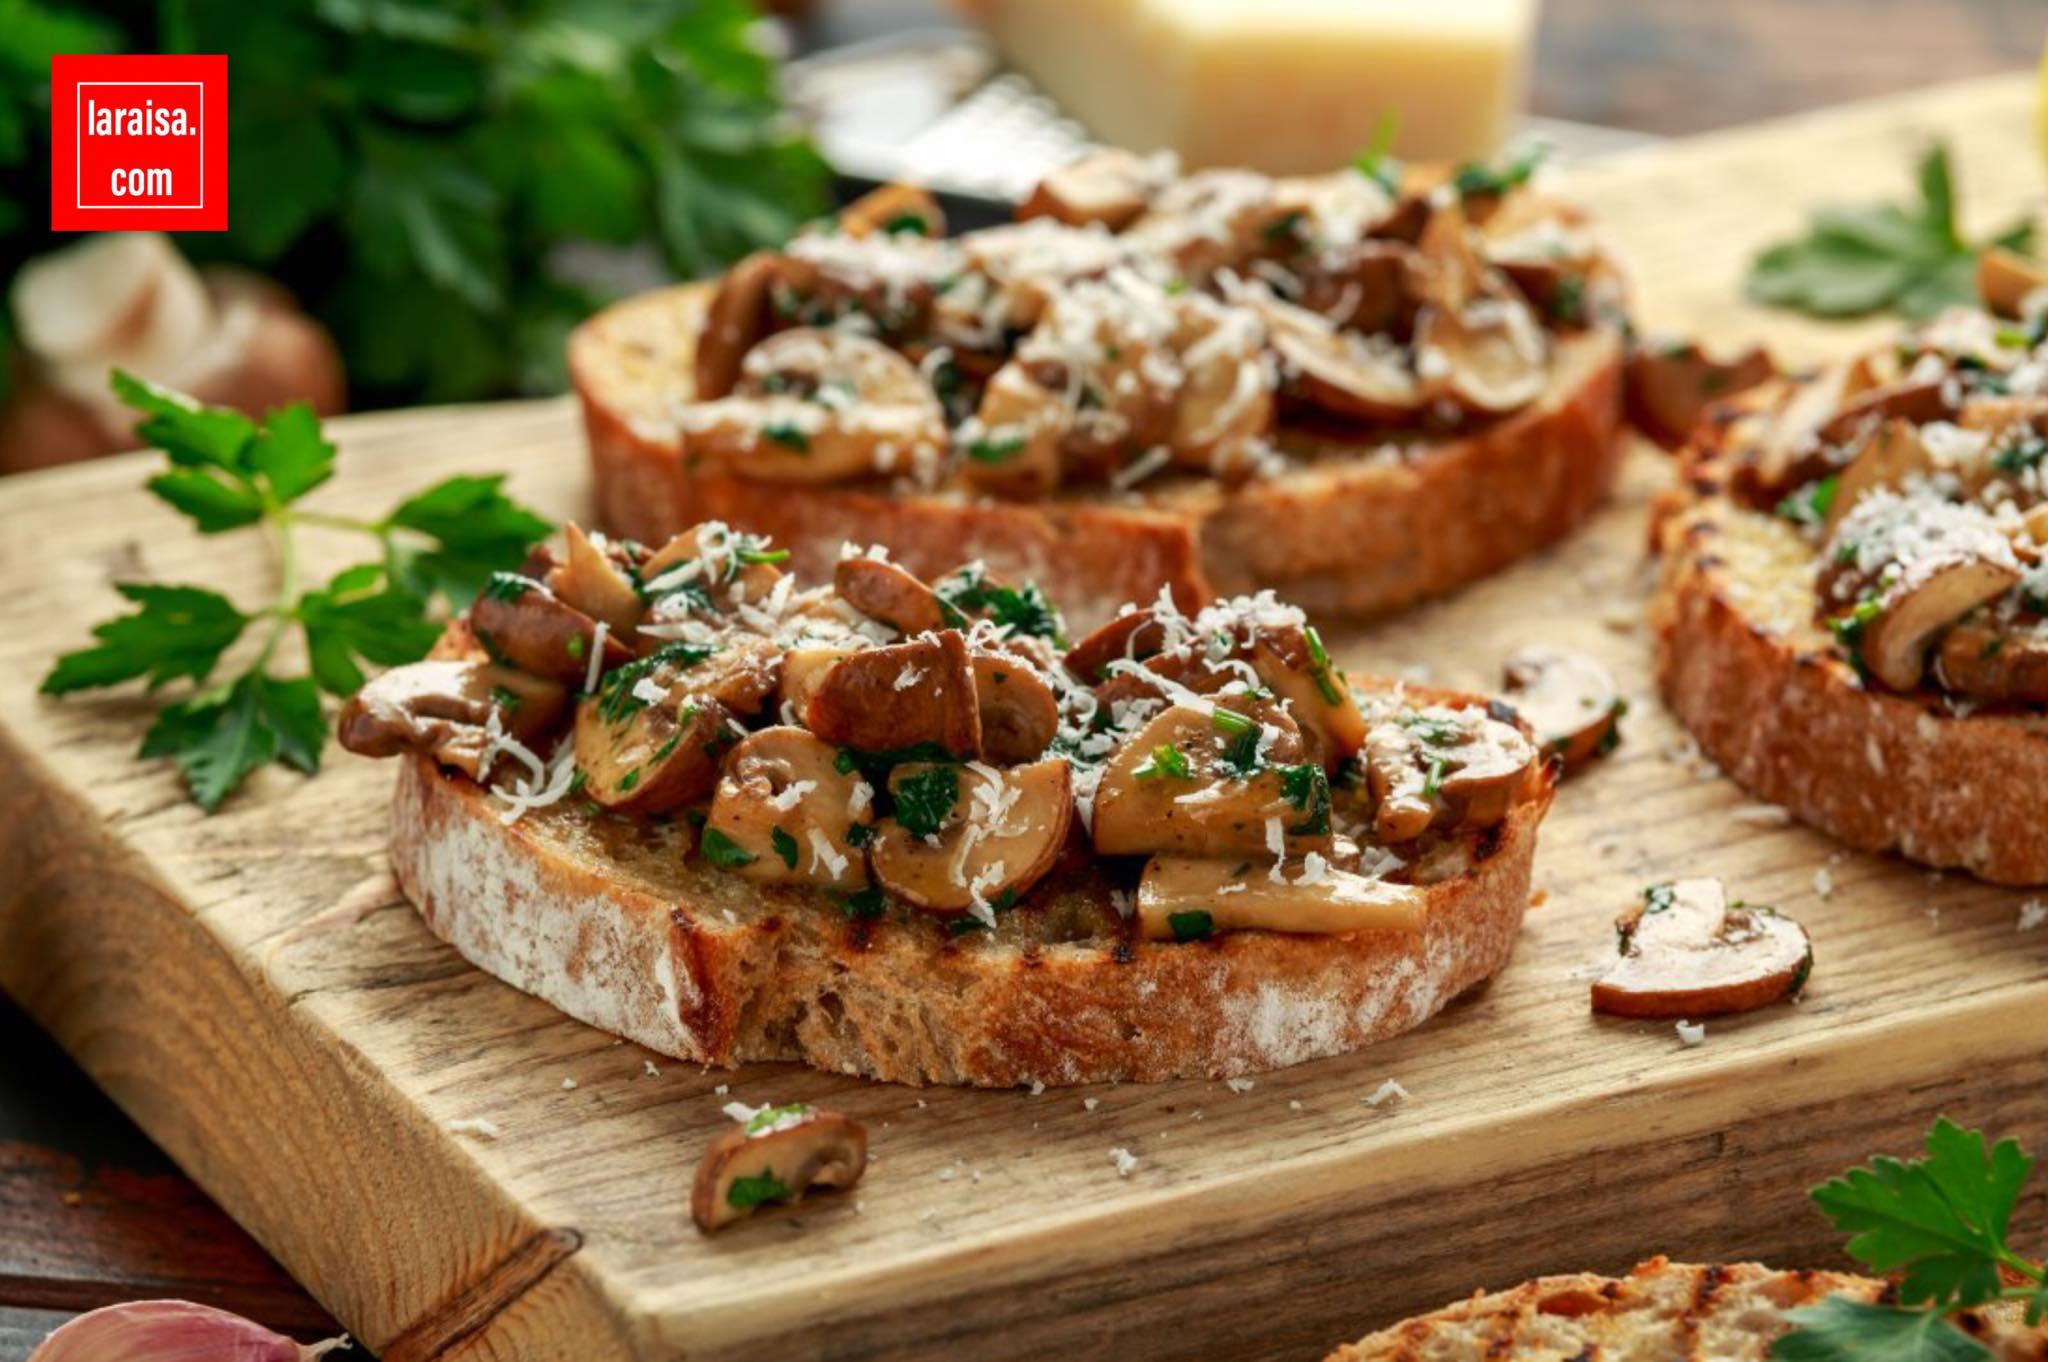 مقبلات الخبز المحمص بالفطر